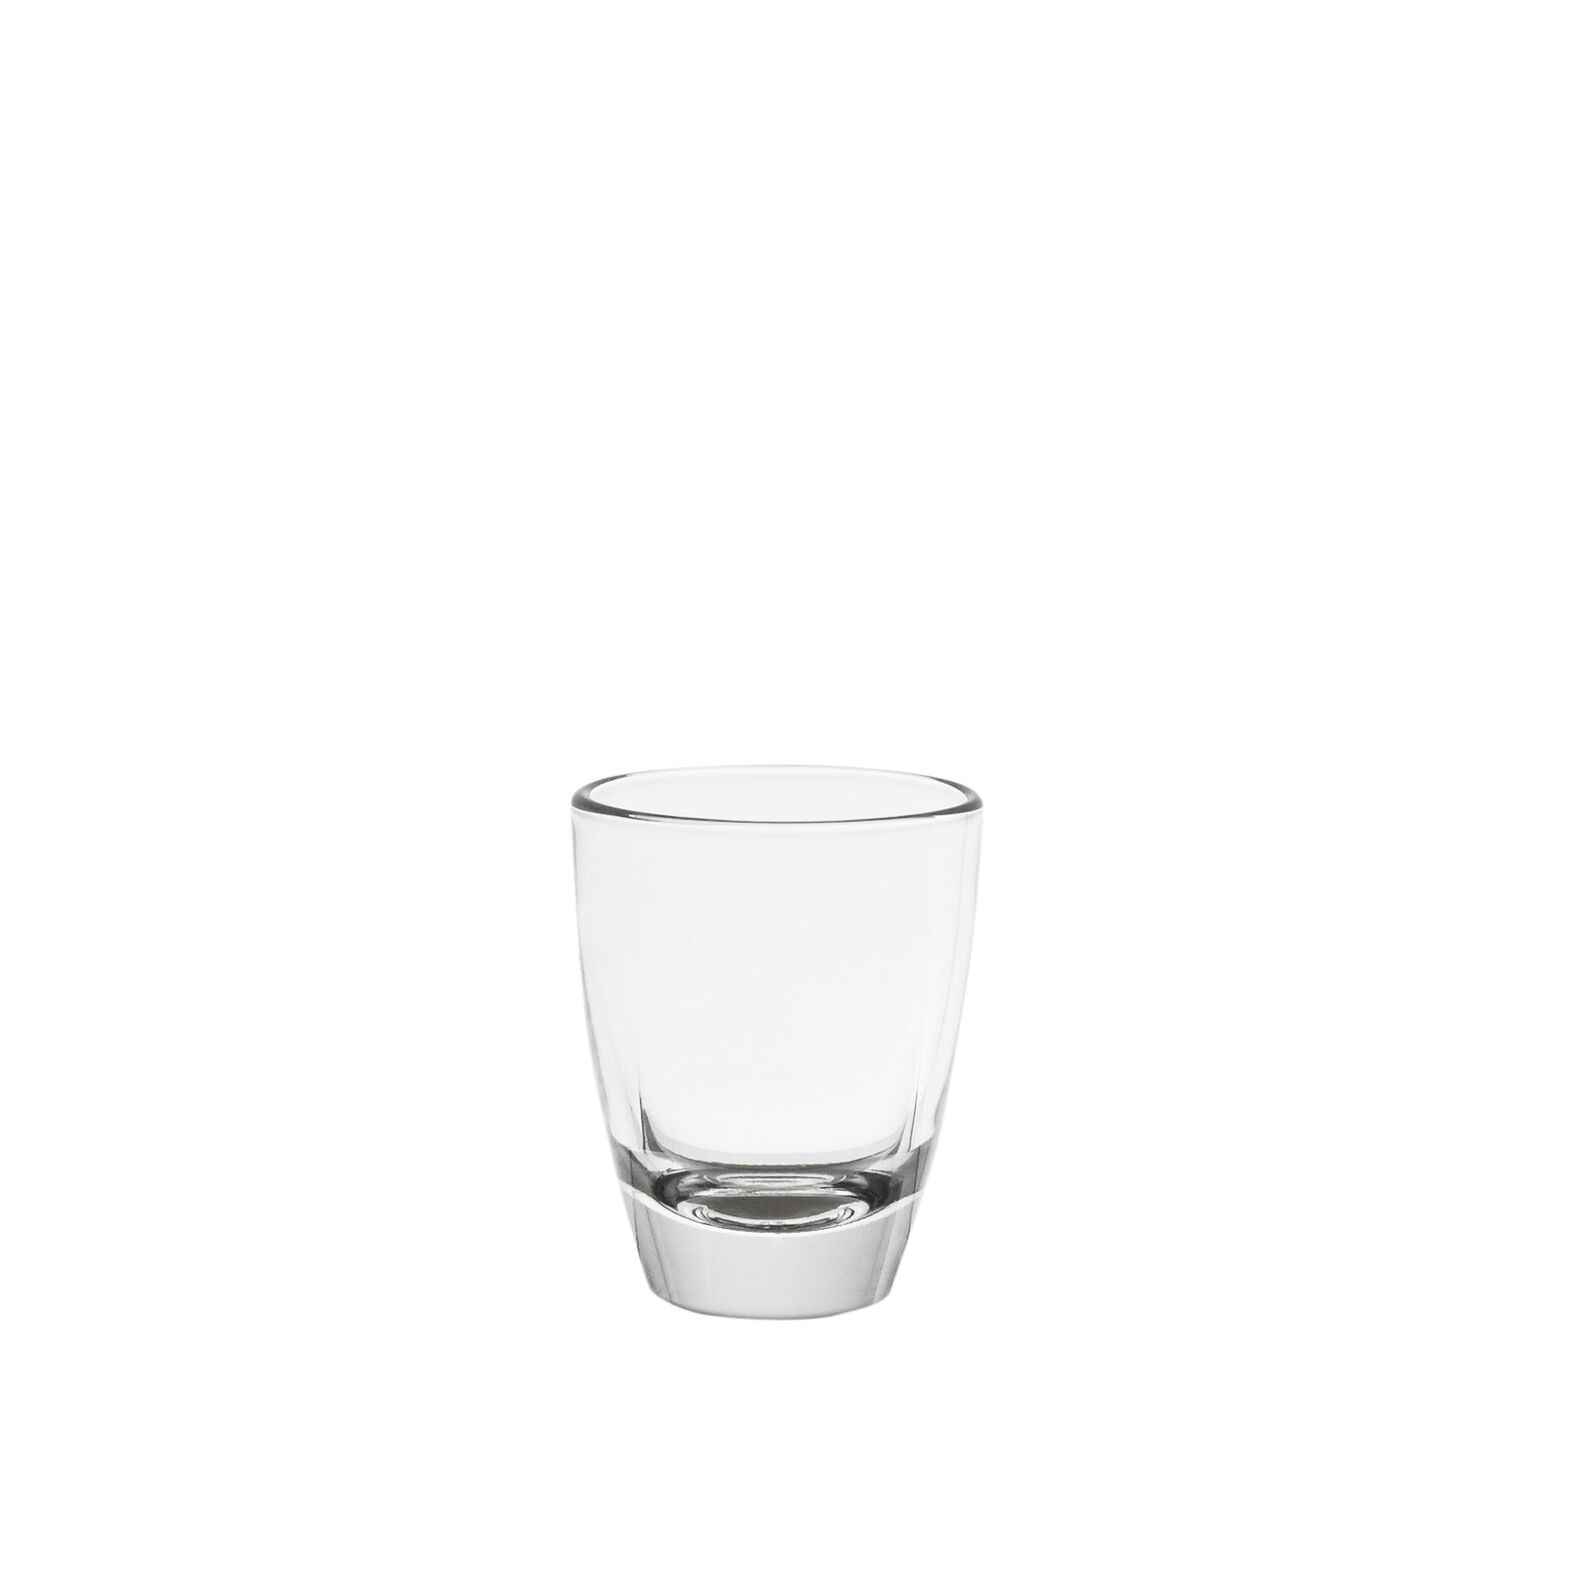 Bicchiere liquore vetro